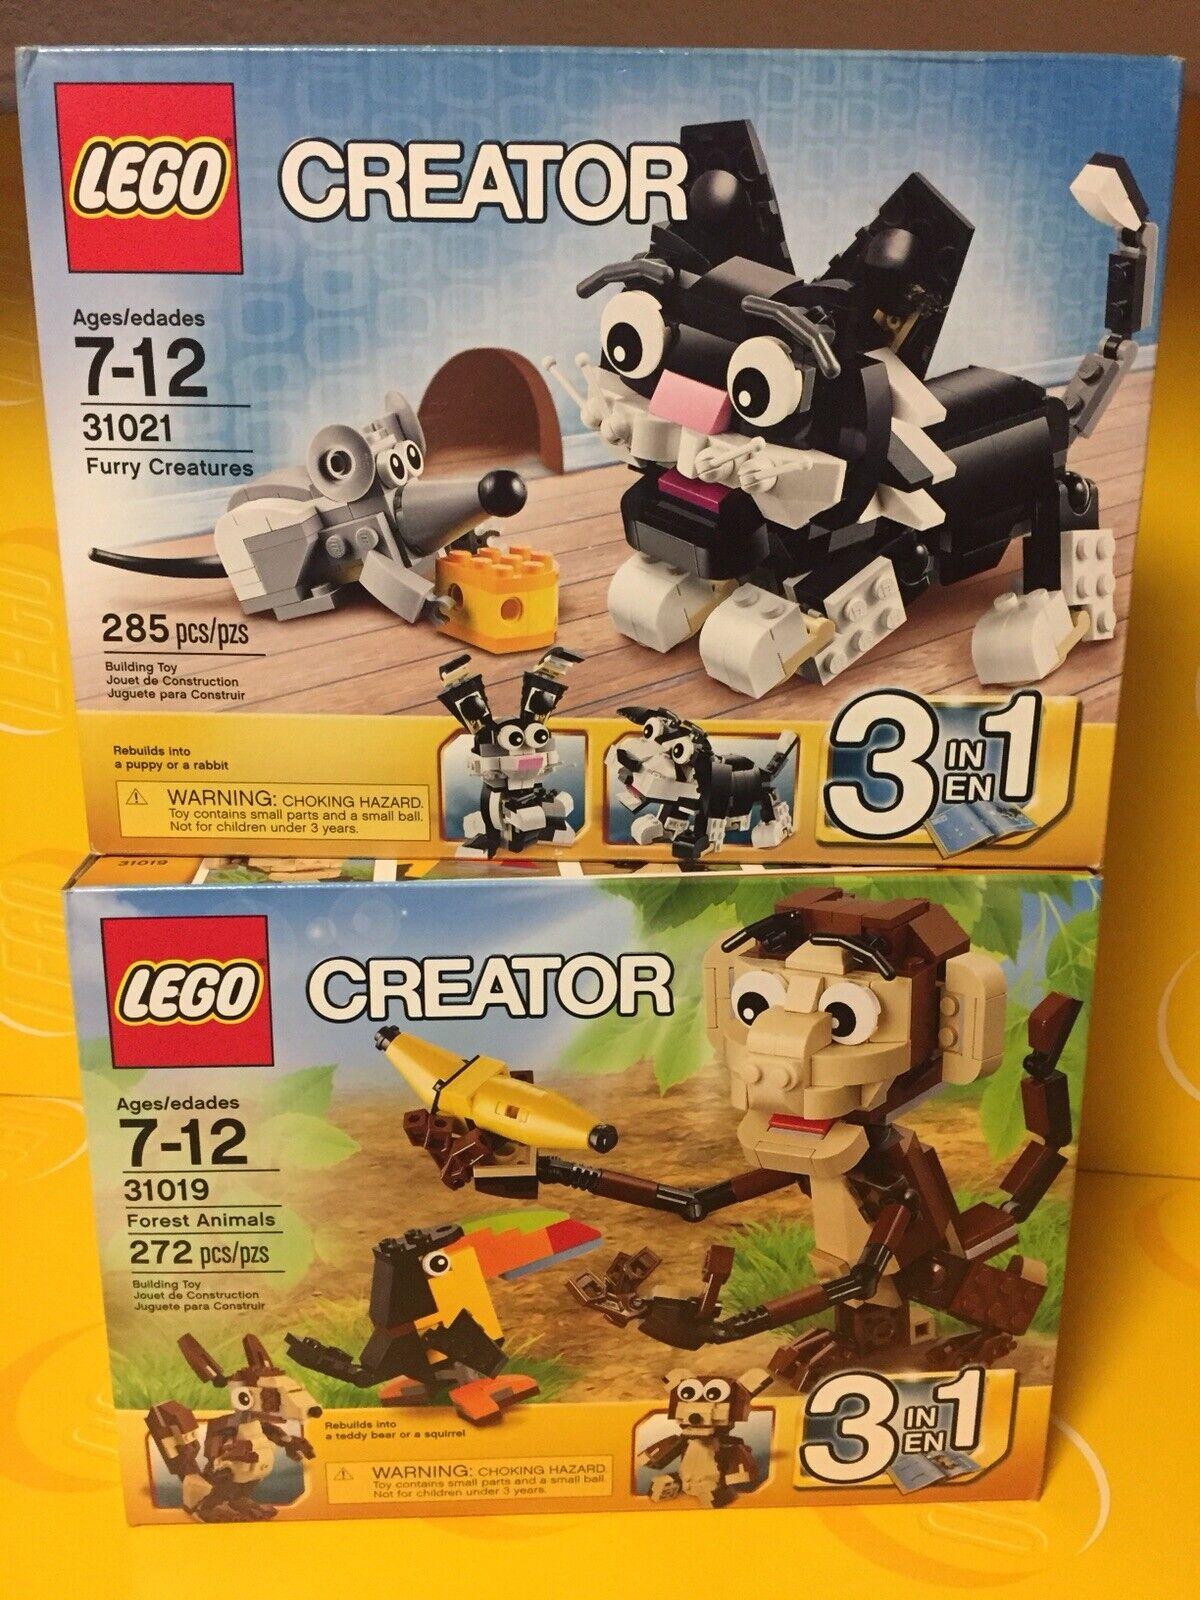 2 neuf lego creator Sets-Furry Creatures   31021 & Forêt Animaux  31019-HOW Mignon  les ventes chaudes